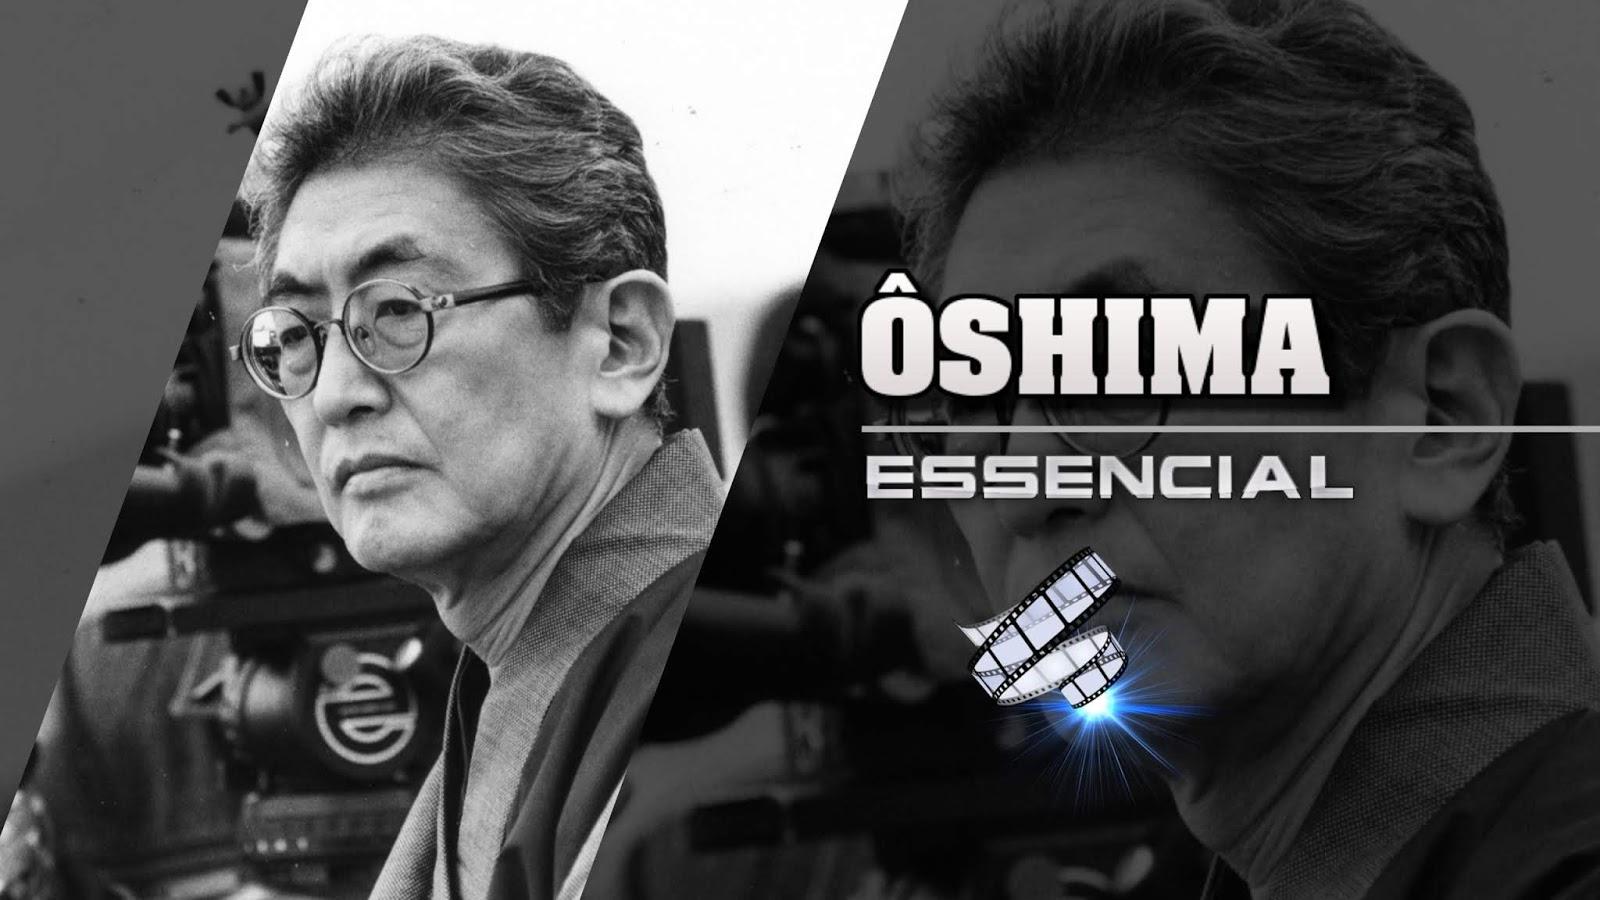 nagisa-oshima-10-filmes-essenciais